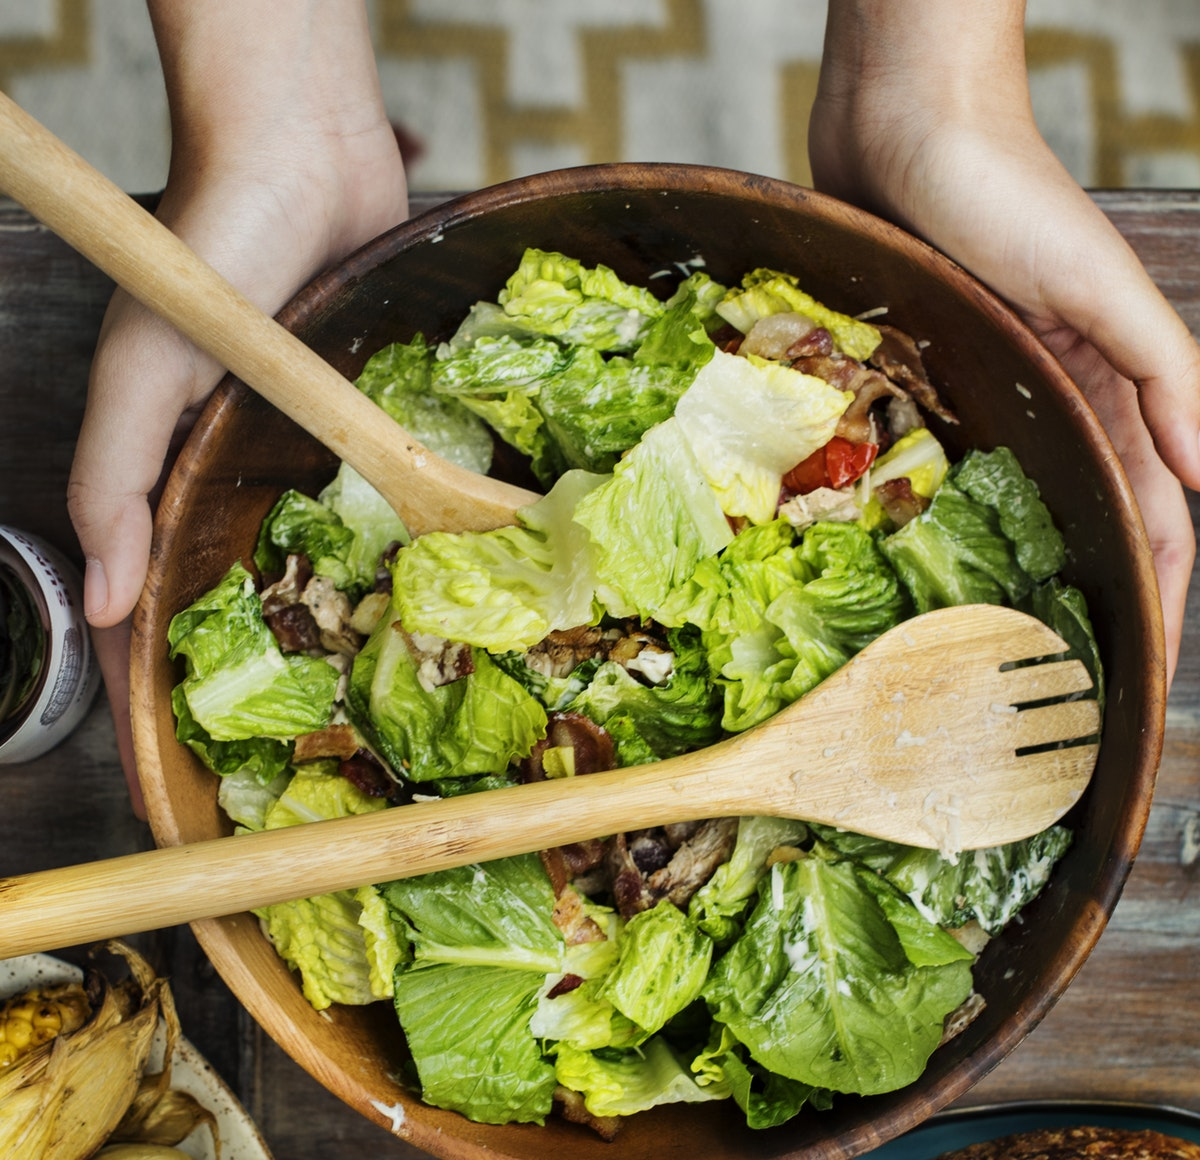 hcg diet salad dressing vinaigrette recipe